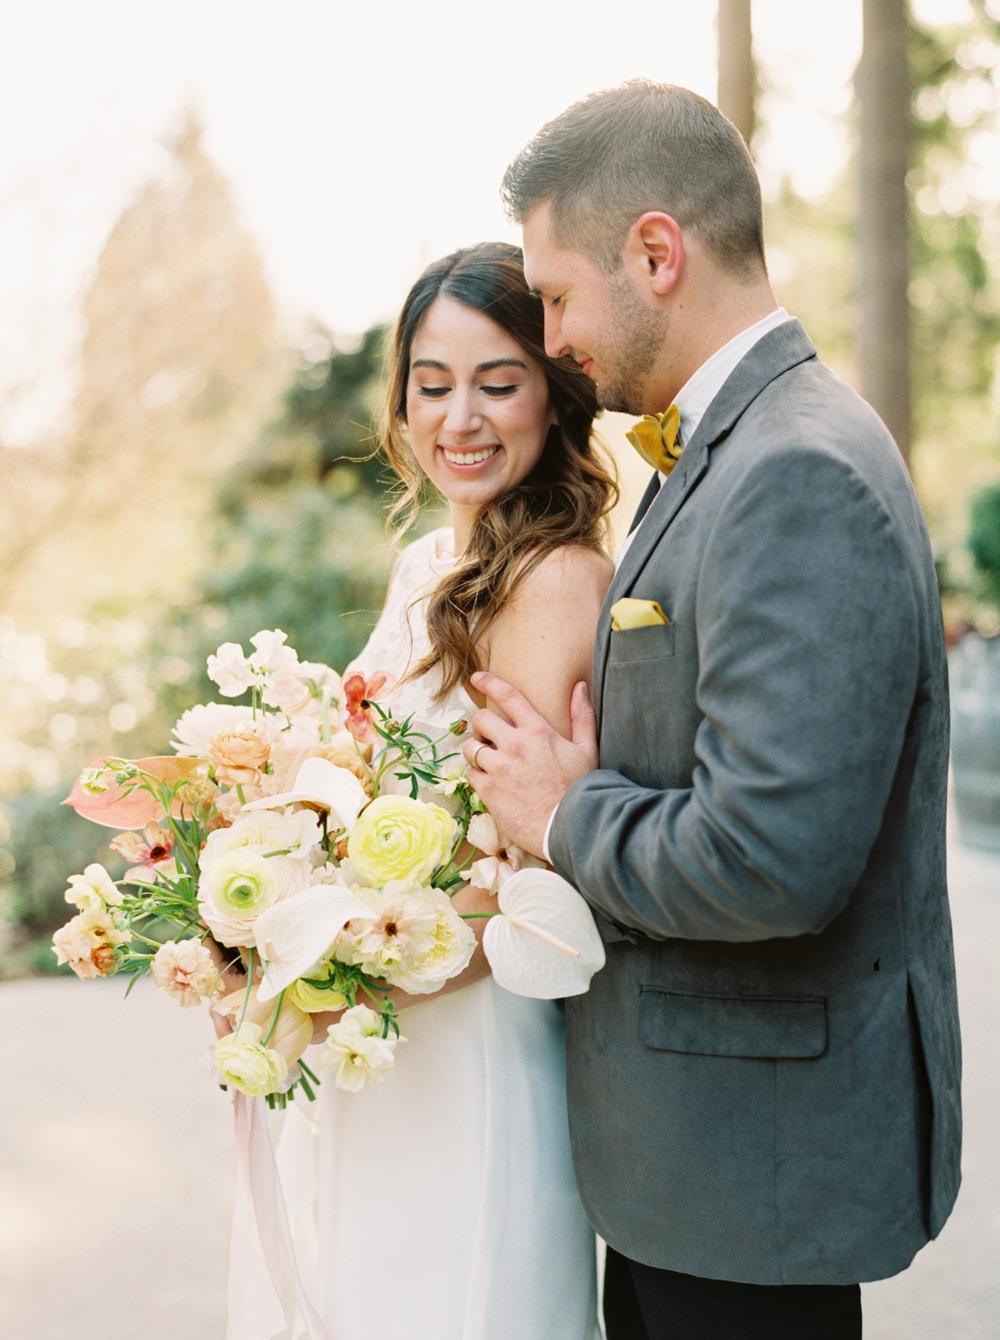 groom-looks-lovingly-at-bride